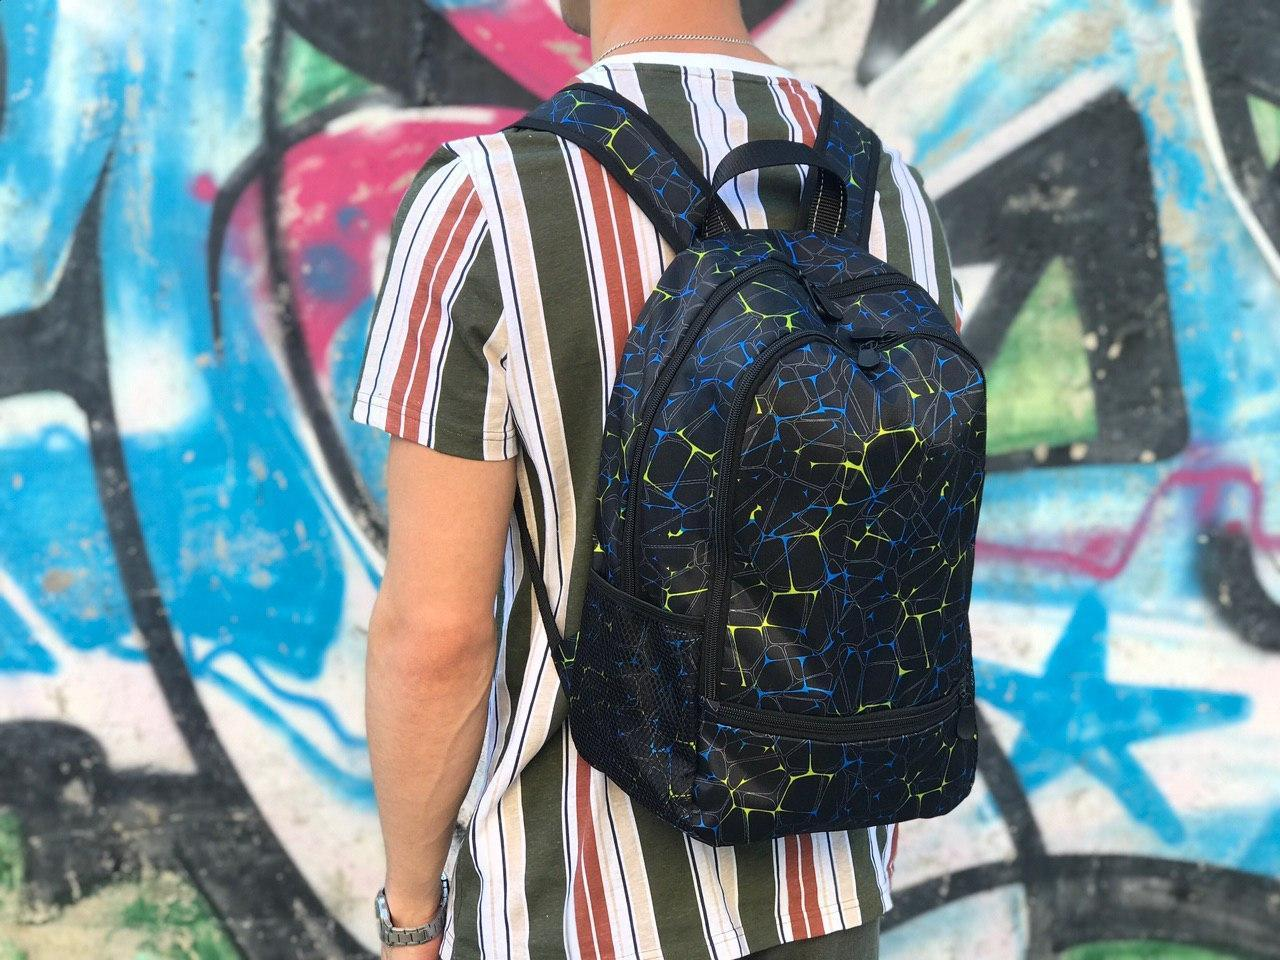 Спортивный рюкзак синего цвета с узорами